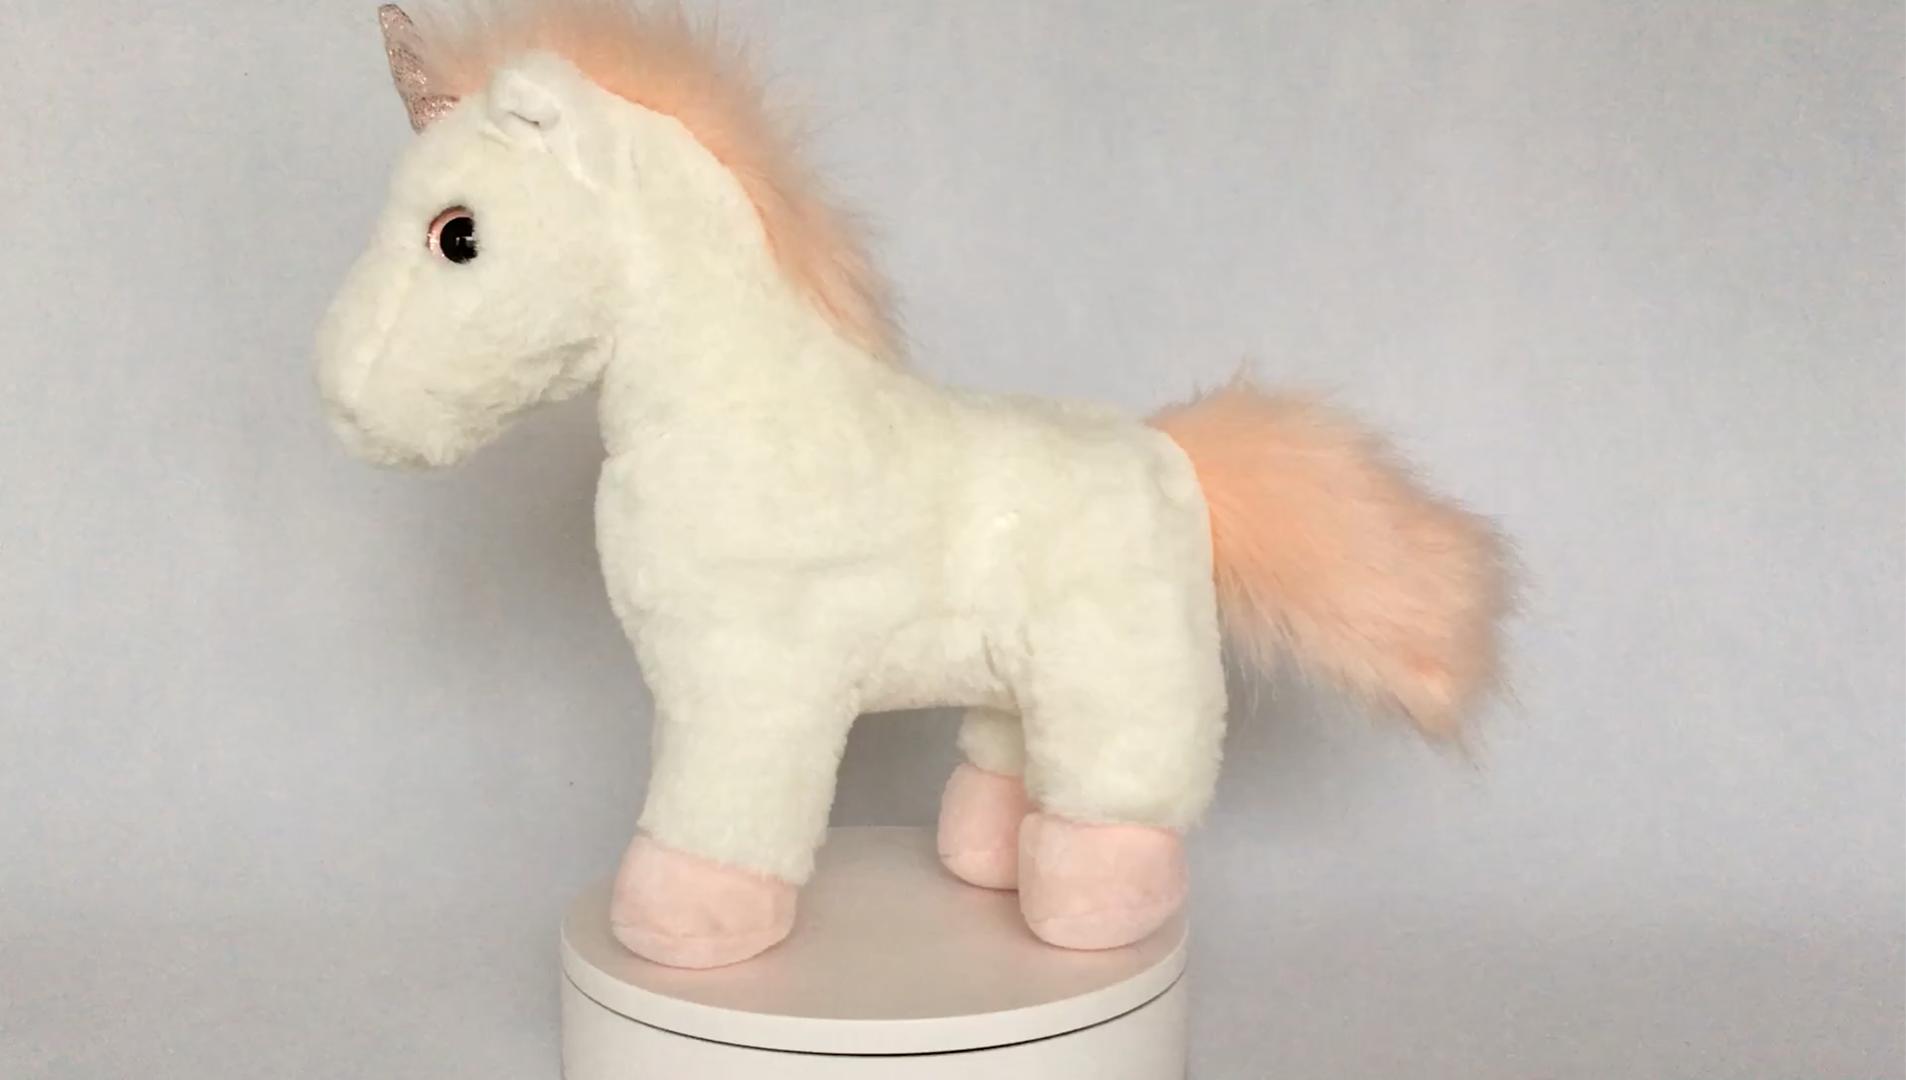 Toptan sevimli doldurulmuş hayvan tek boynuzlu at, peluş yumuşak tek boynuzlu at oyuncak çocuklar için